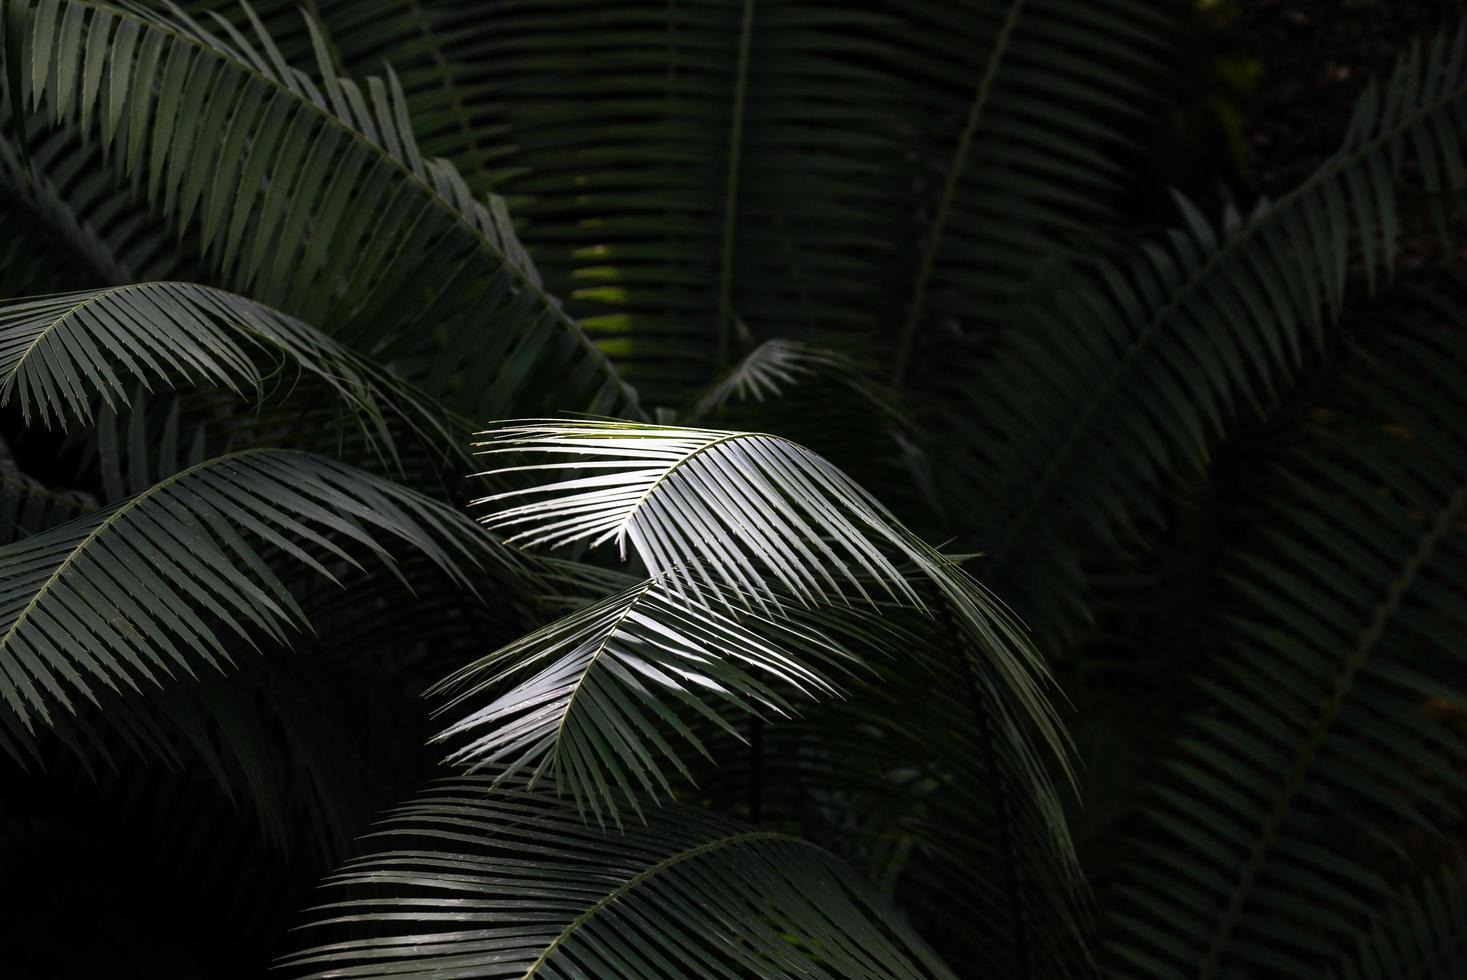 luce solare che colpisce la foglia di palma foto